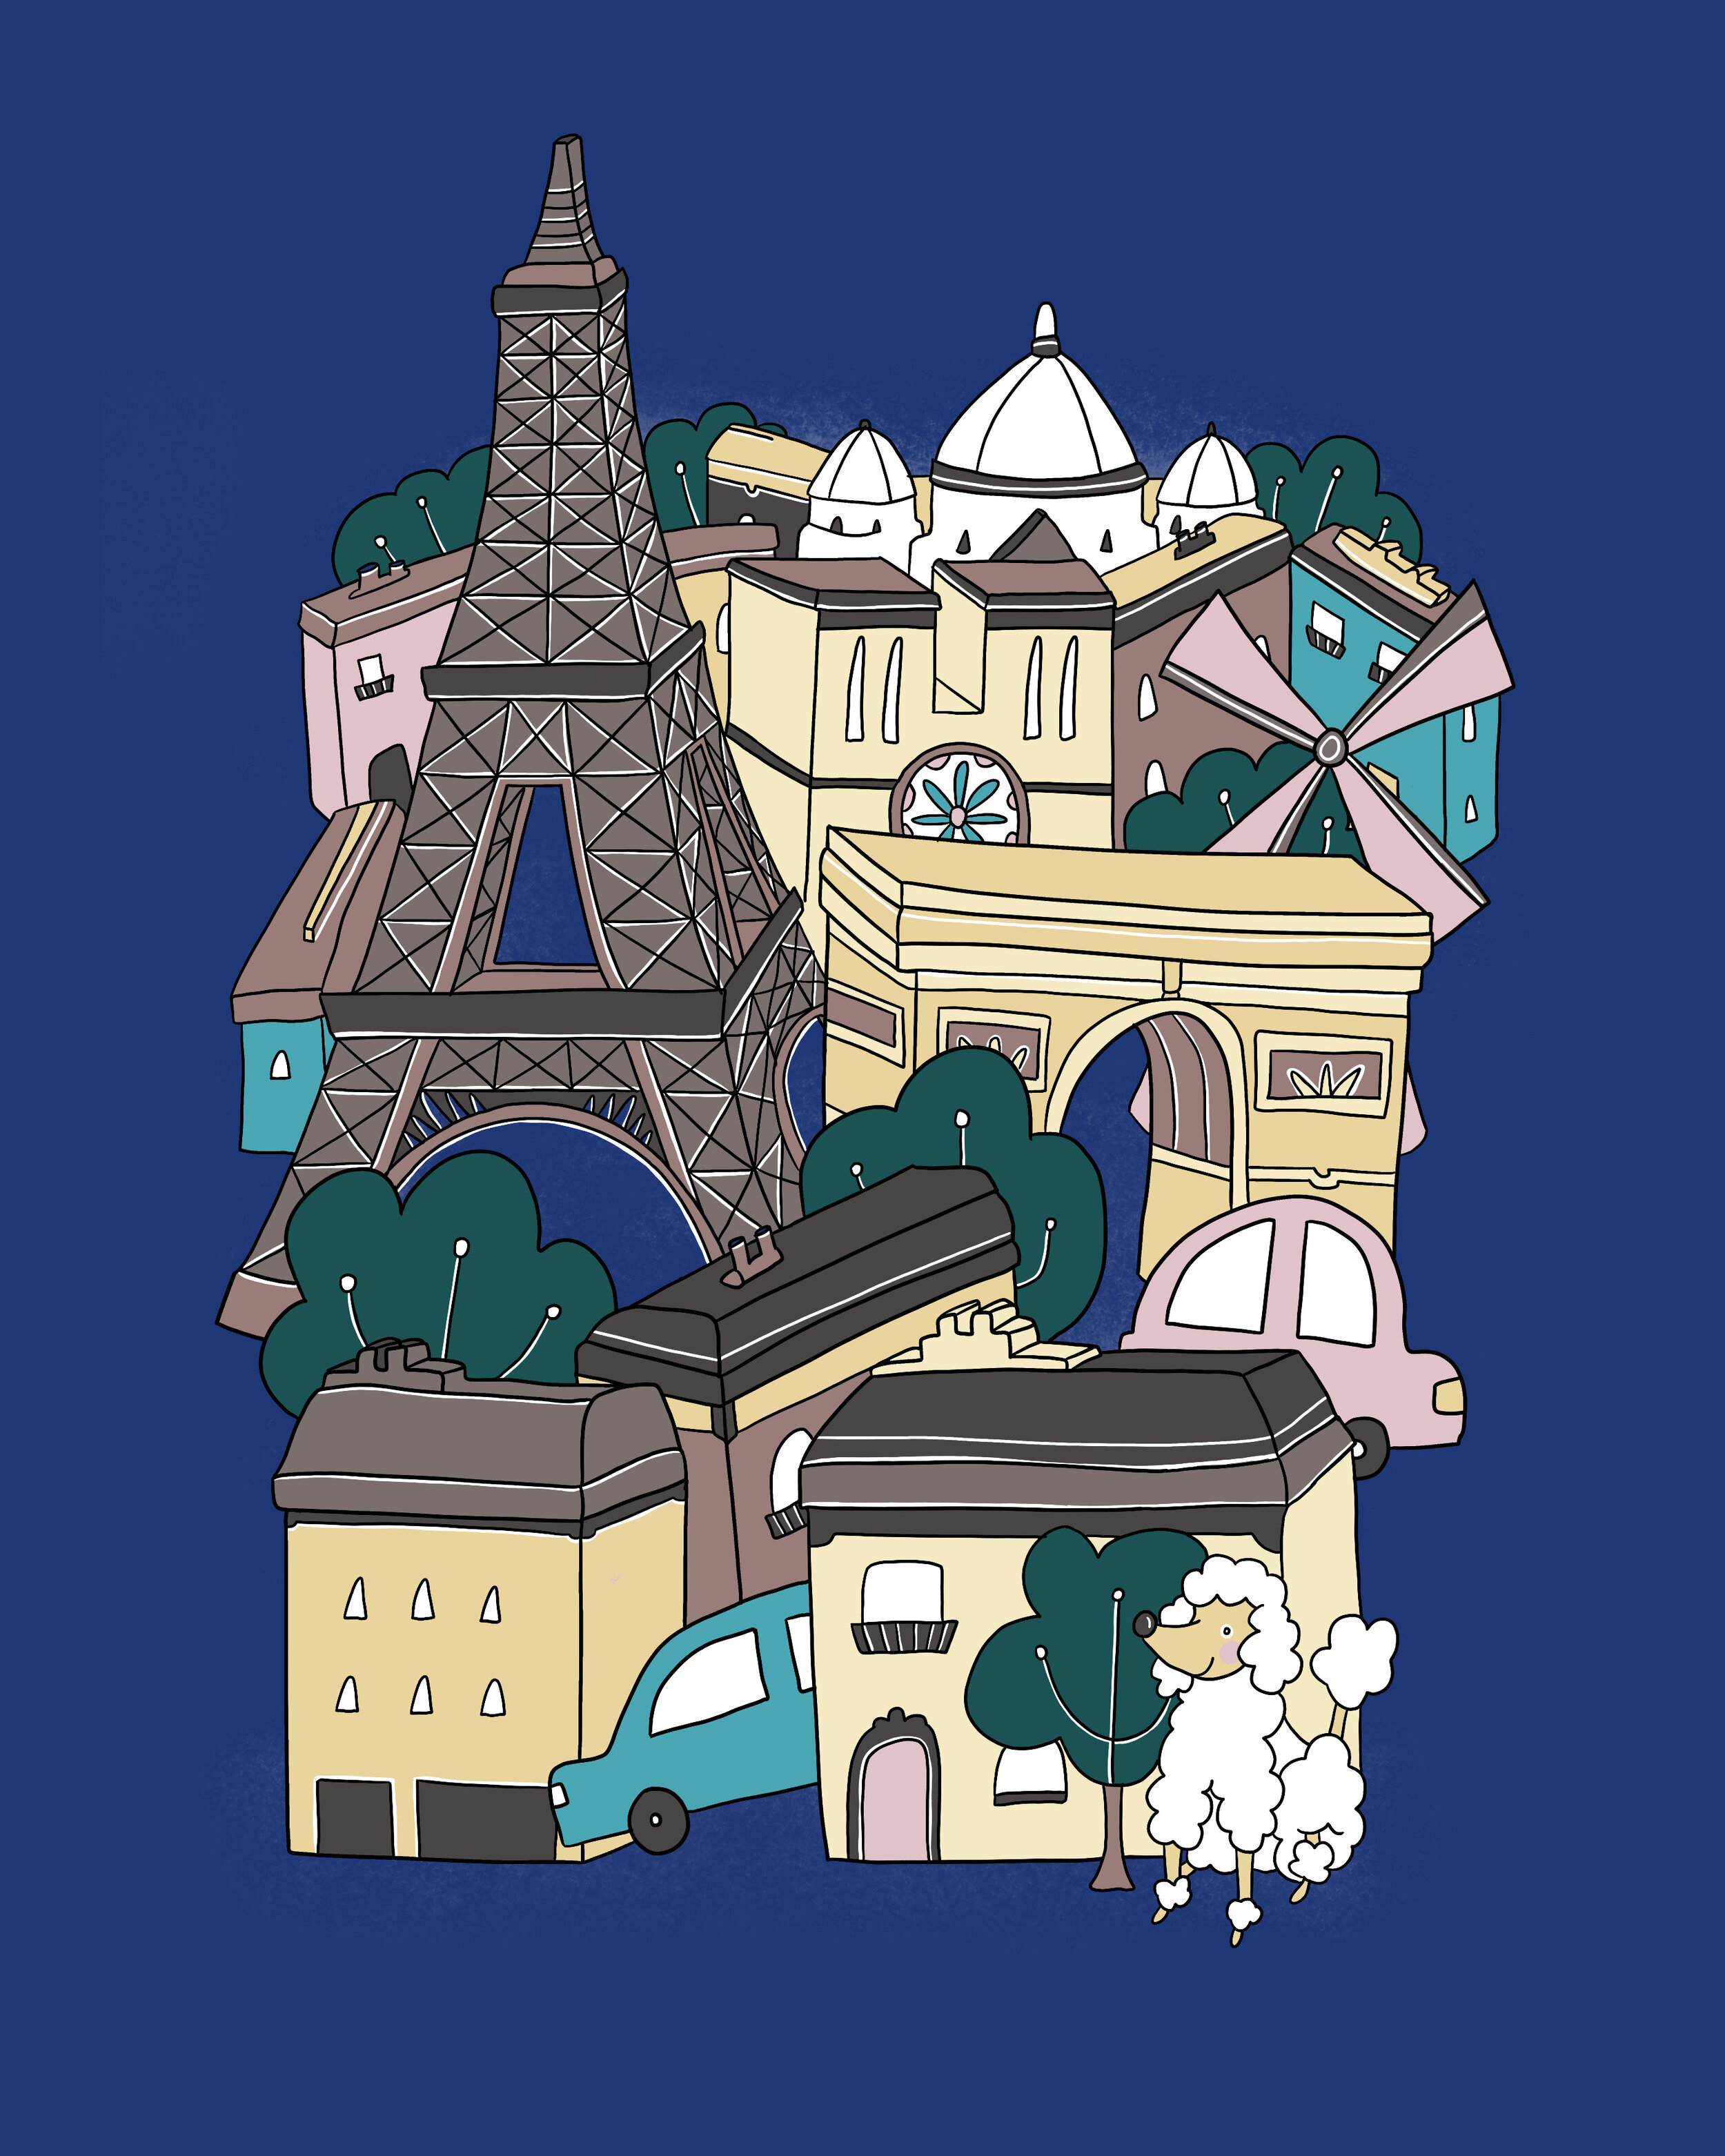 Paris_Scene_MeganMcKean.jpg